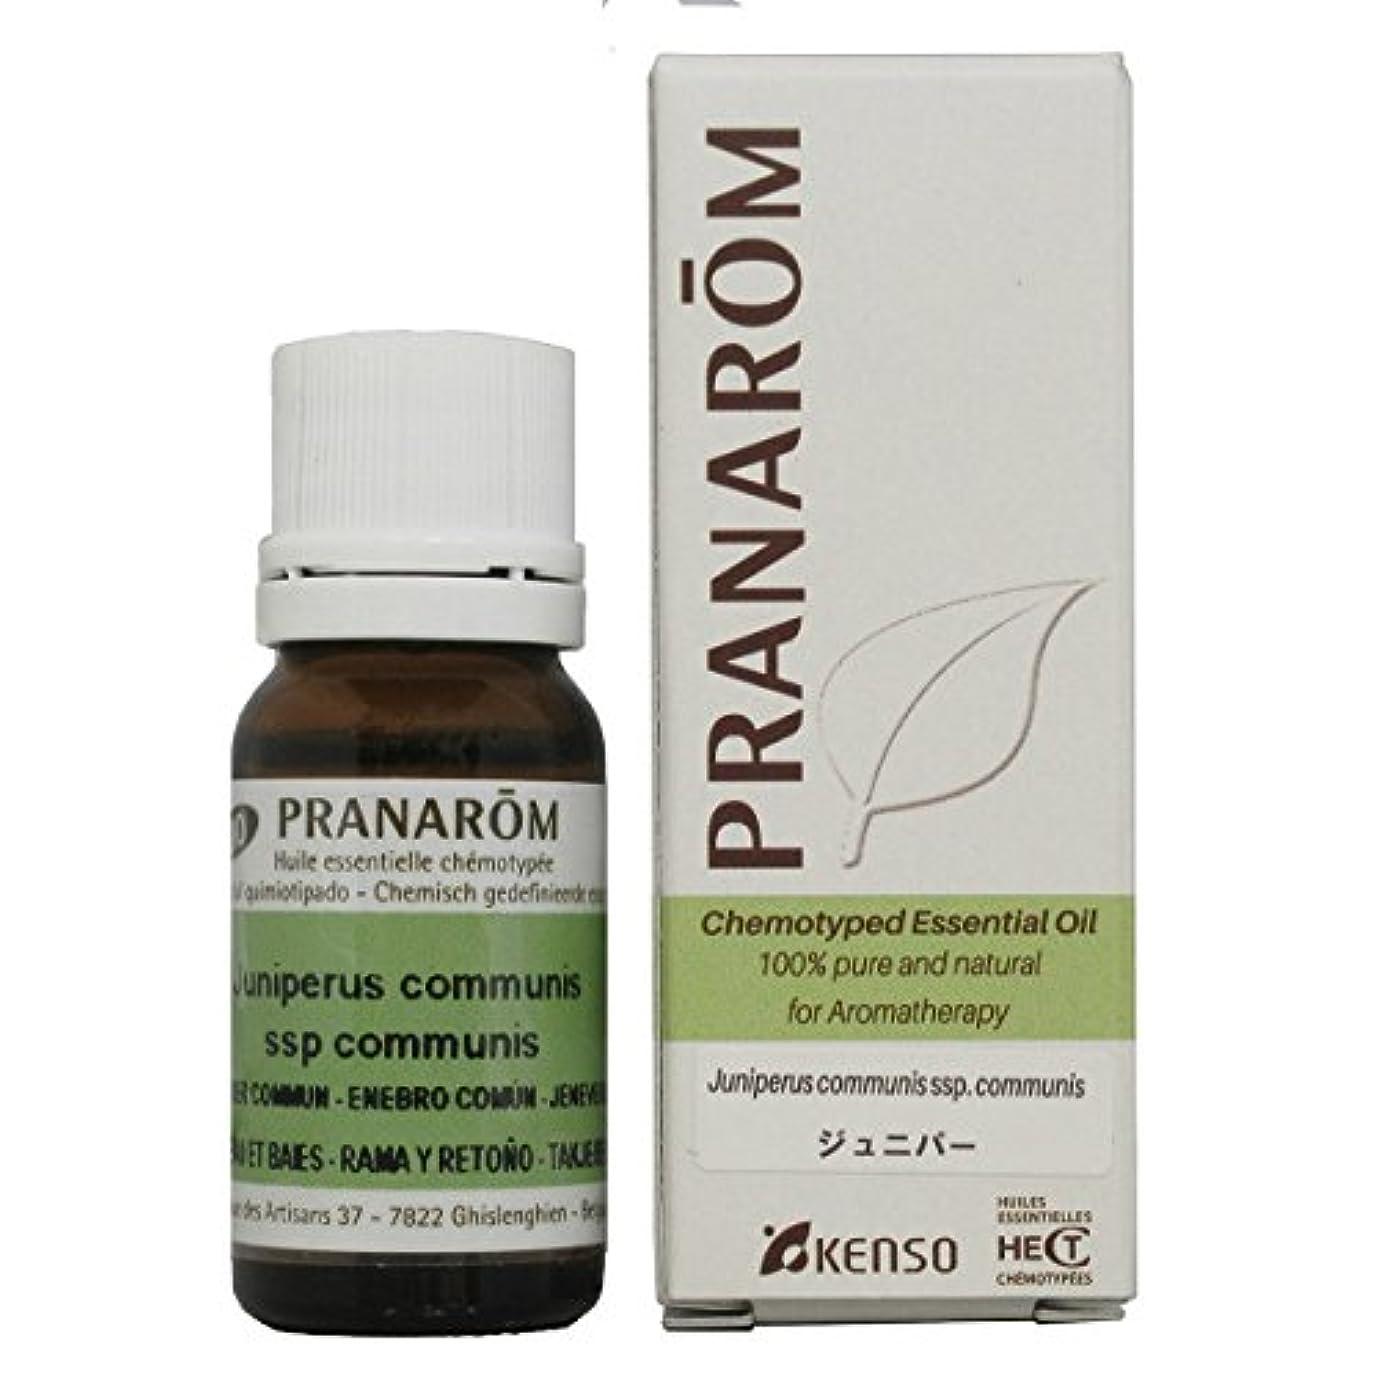 オーバーヘッド考える部分的にプラナロム ジュニパー(葉枝) 10ml (PRANAROM ケモタイプ精油)